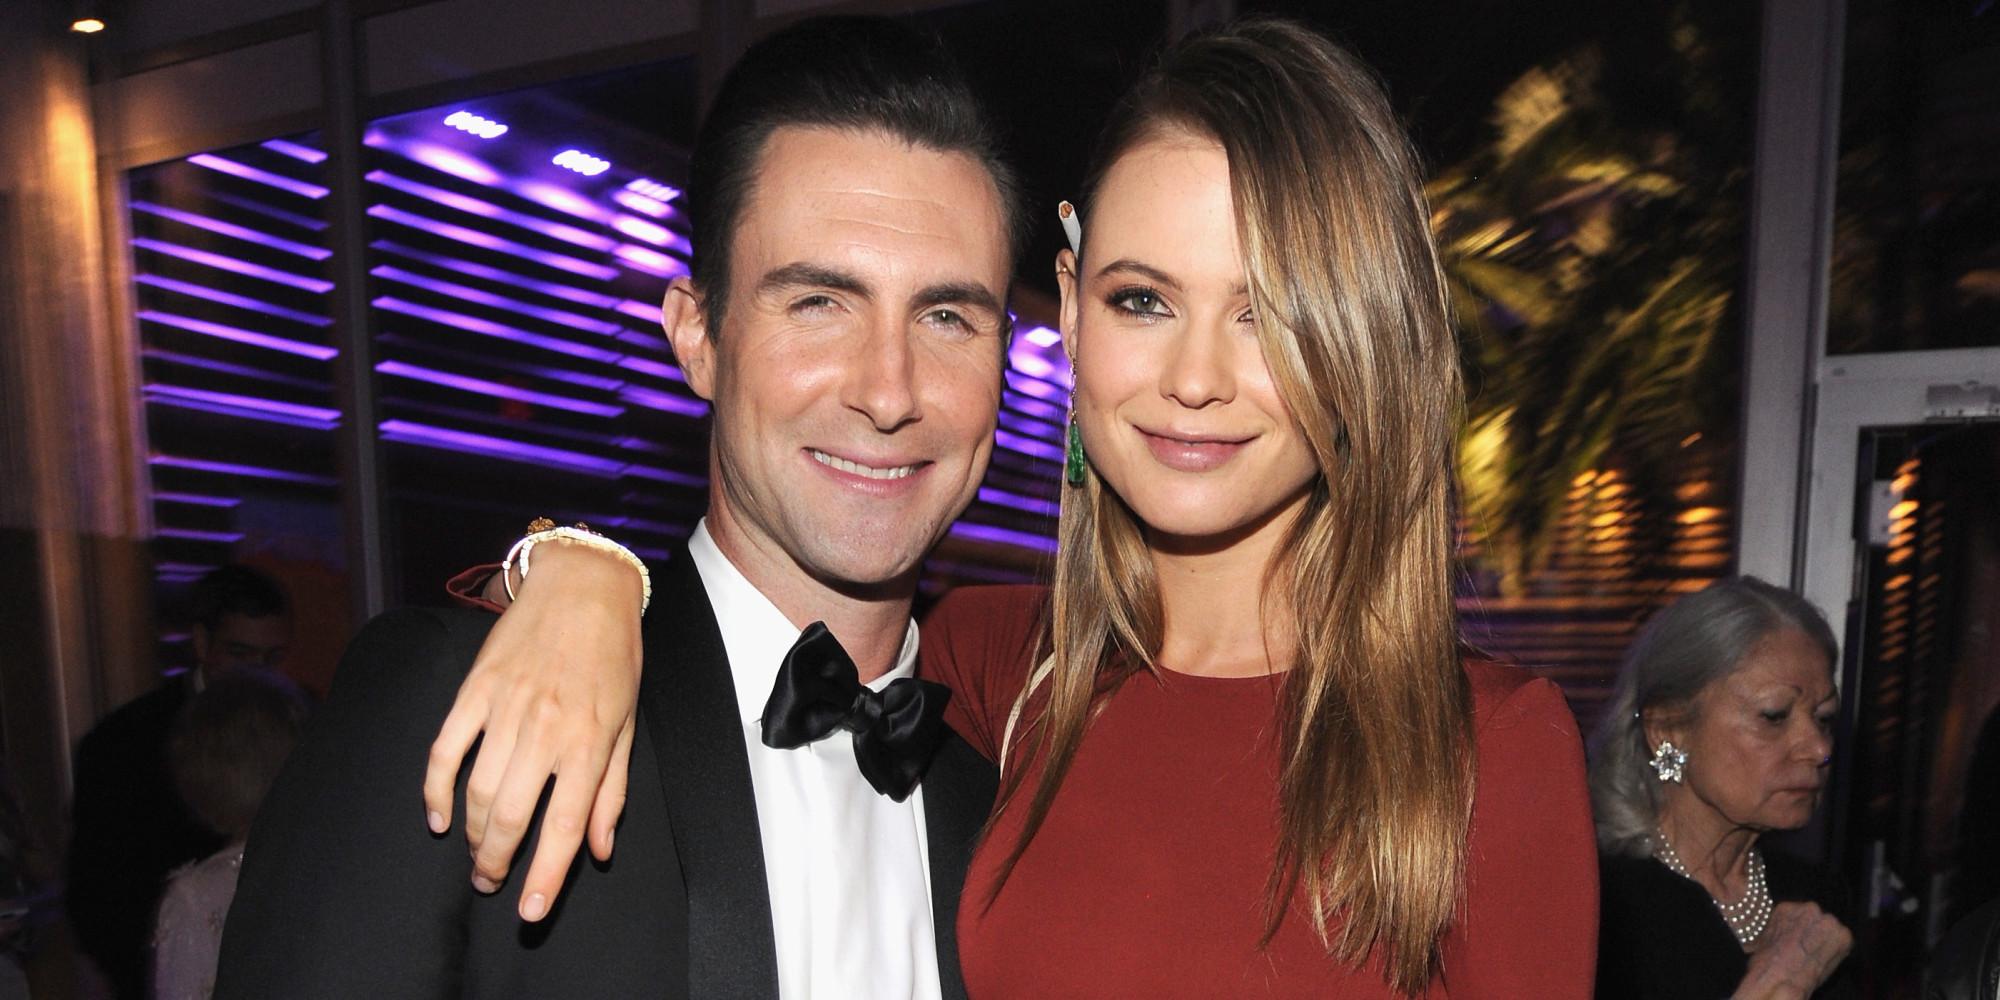 Adam Levine Marries Behati Prinsloo In Front Of Robert